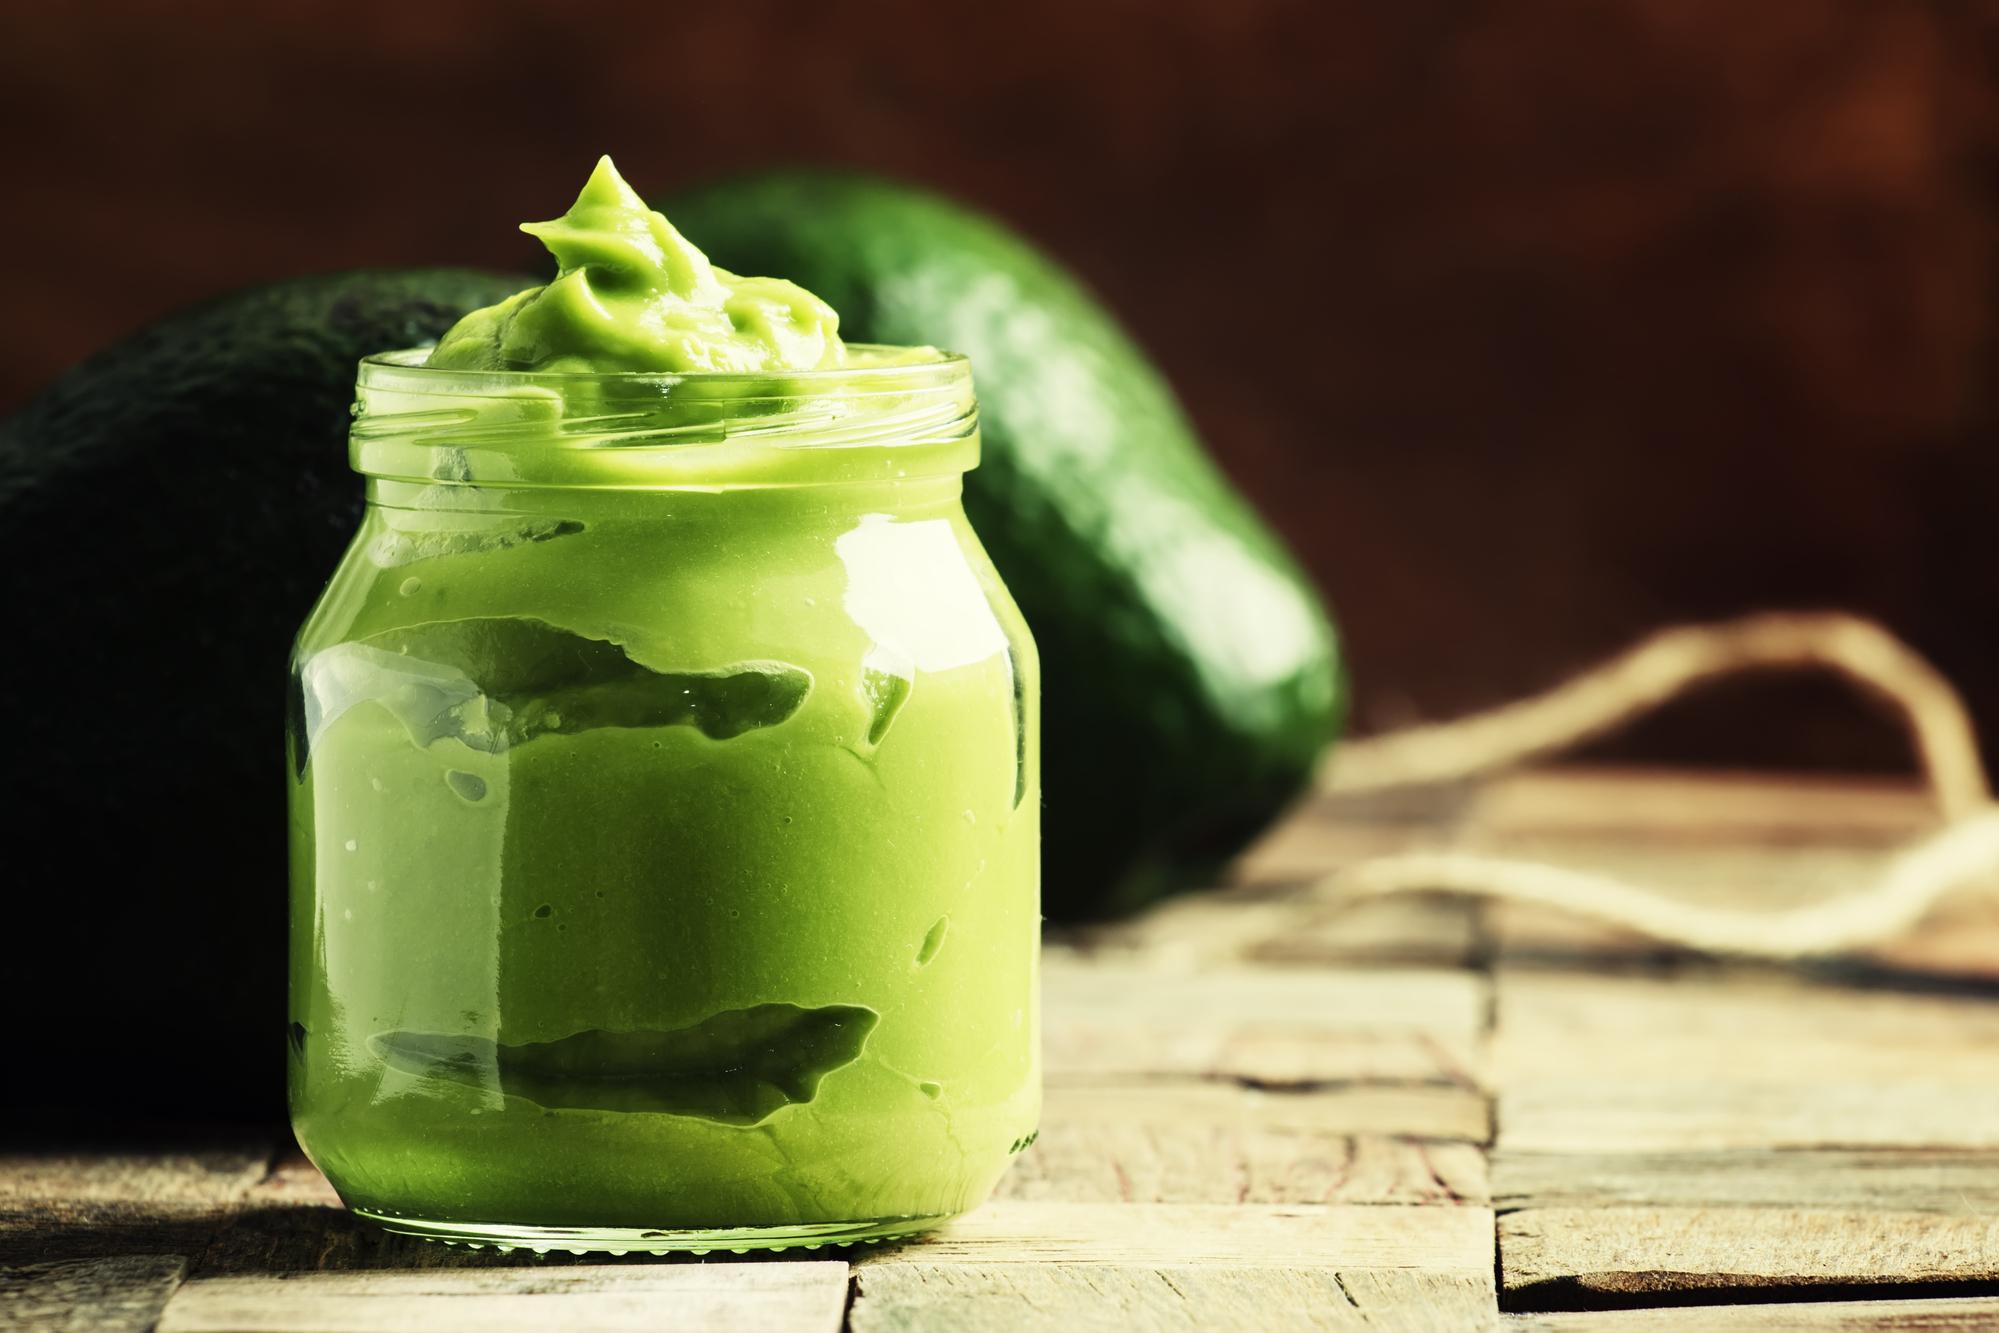 Este mousse de abacate com amendoim dá saciedade e ajuda na recuperação muscular